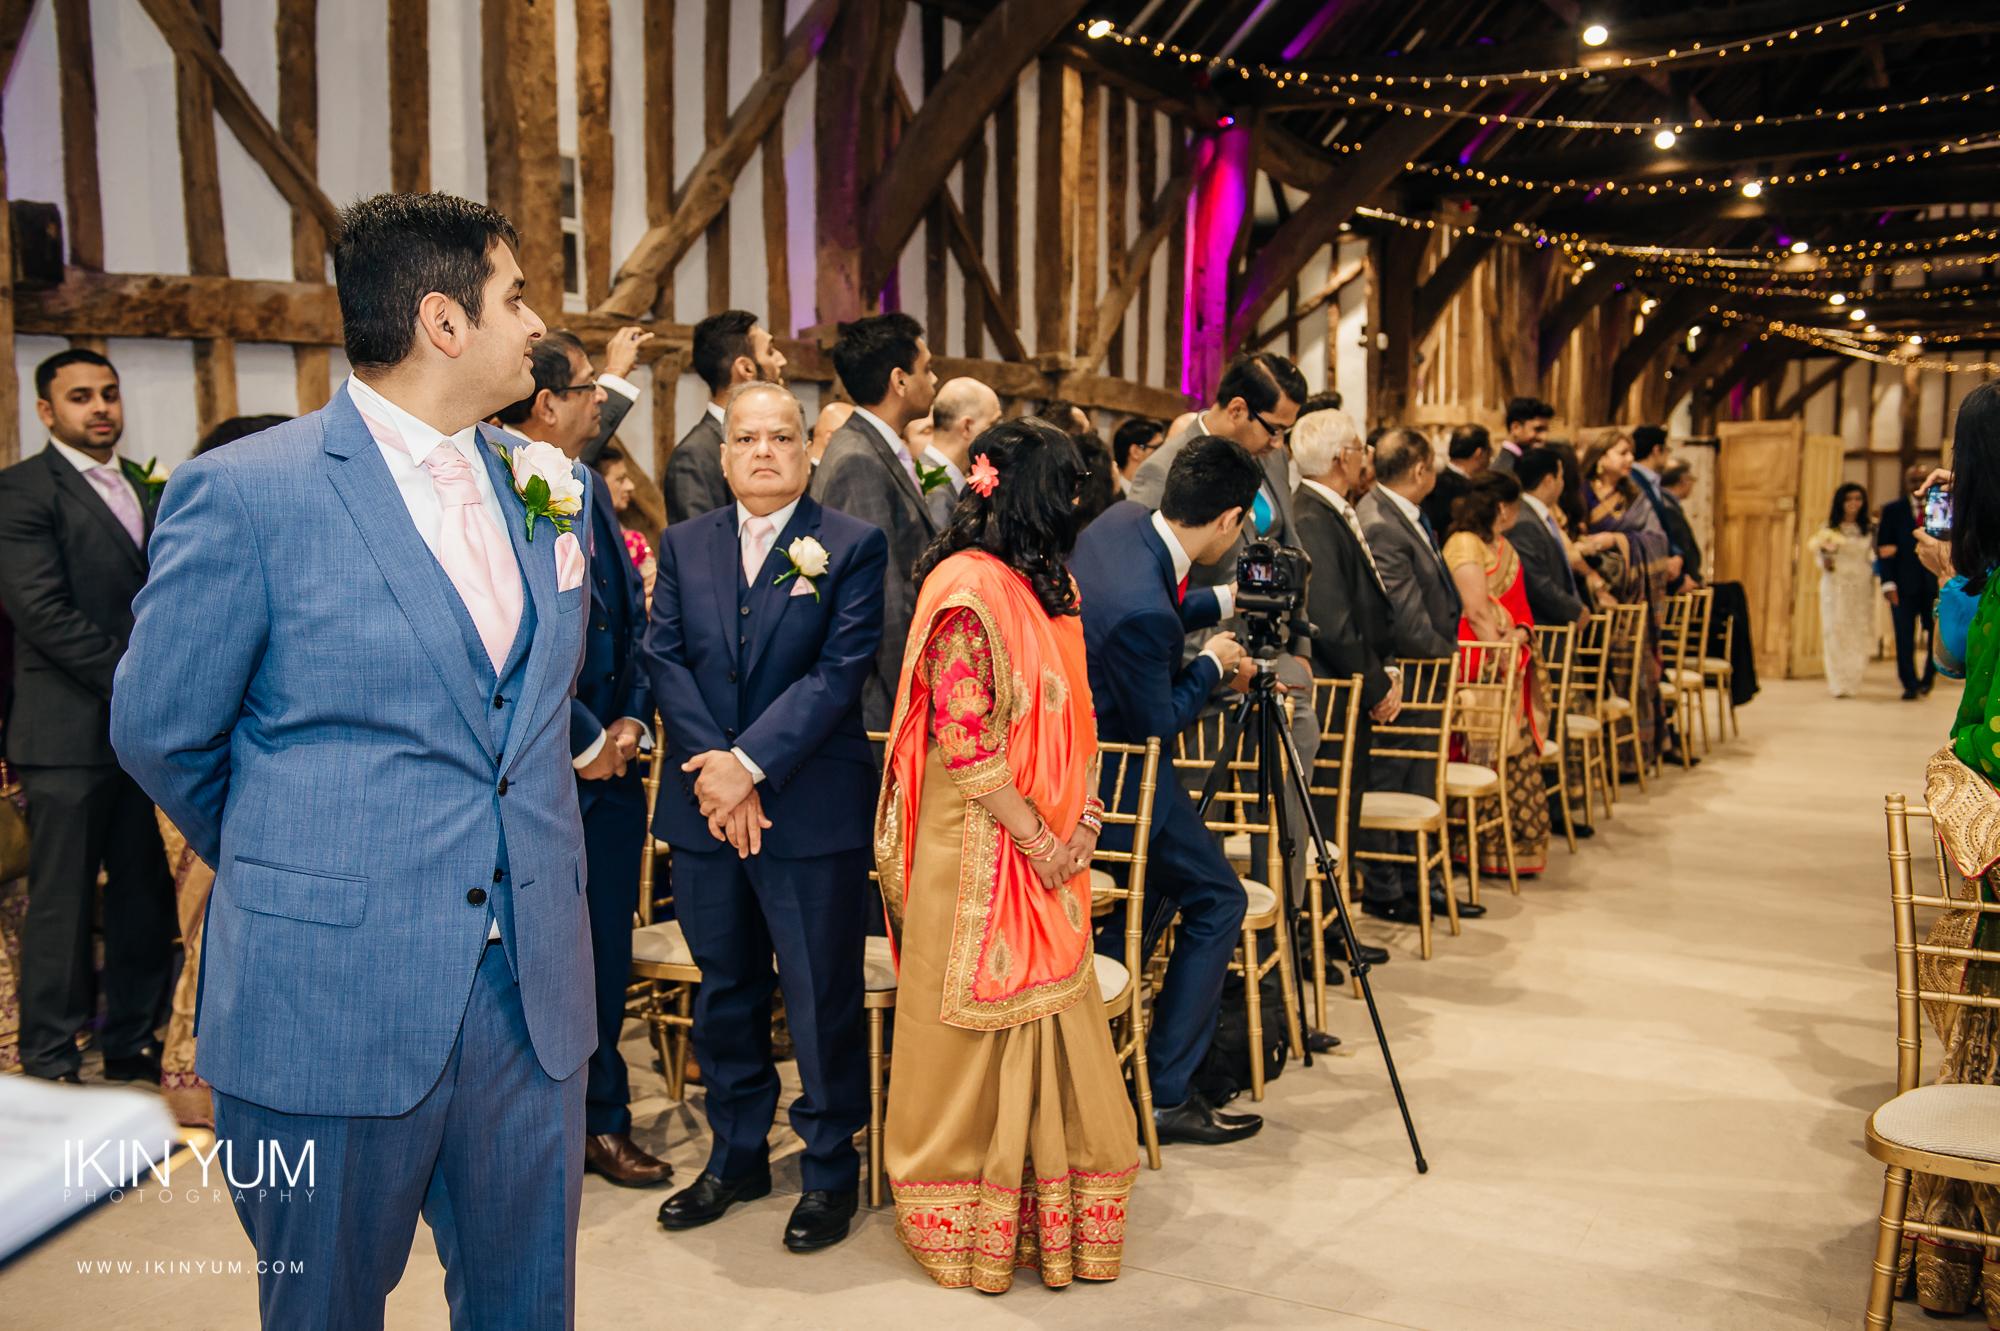 The Great Barn Wedding- Ikin Yum Photography-0032.jpg